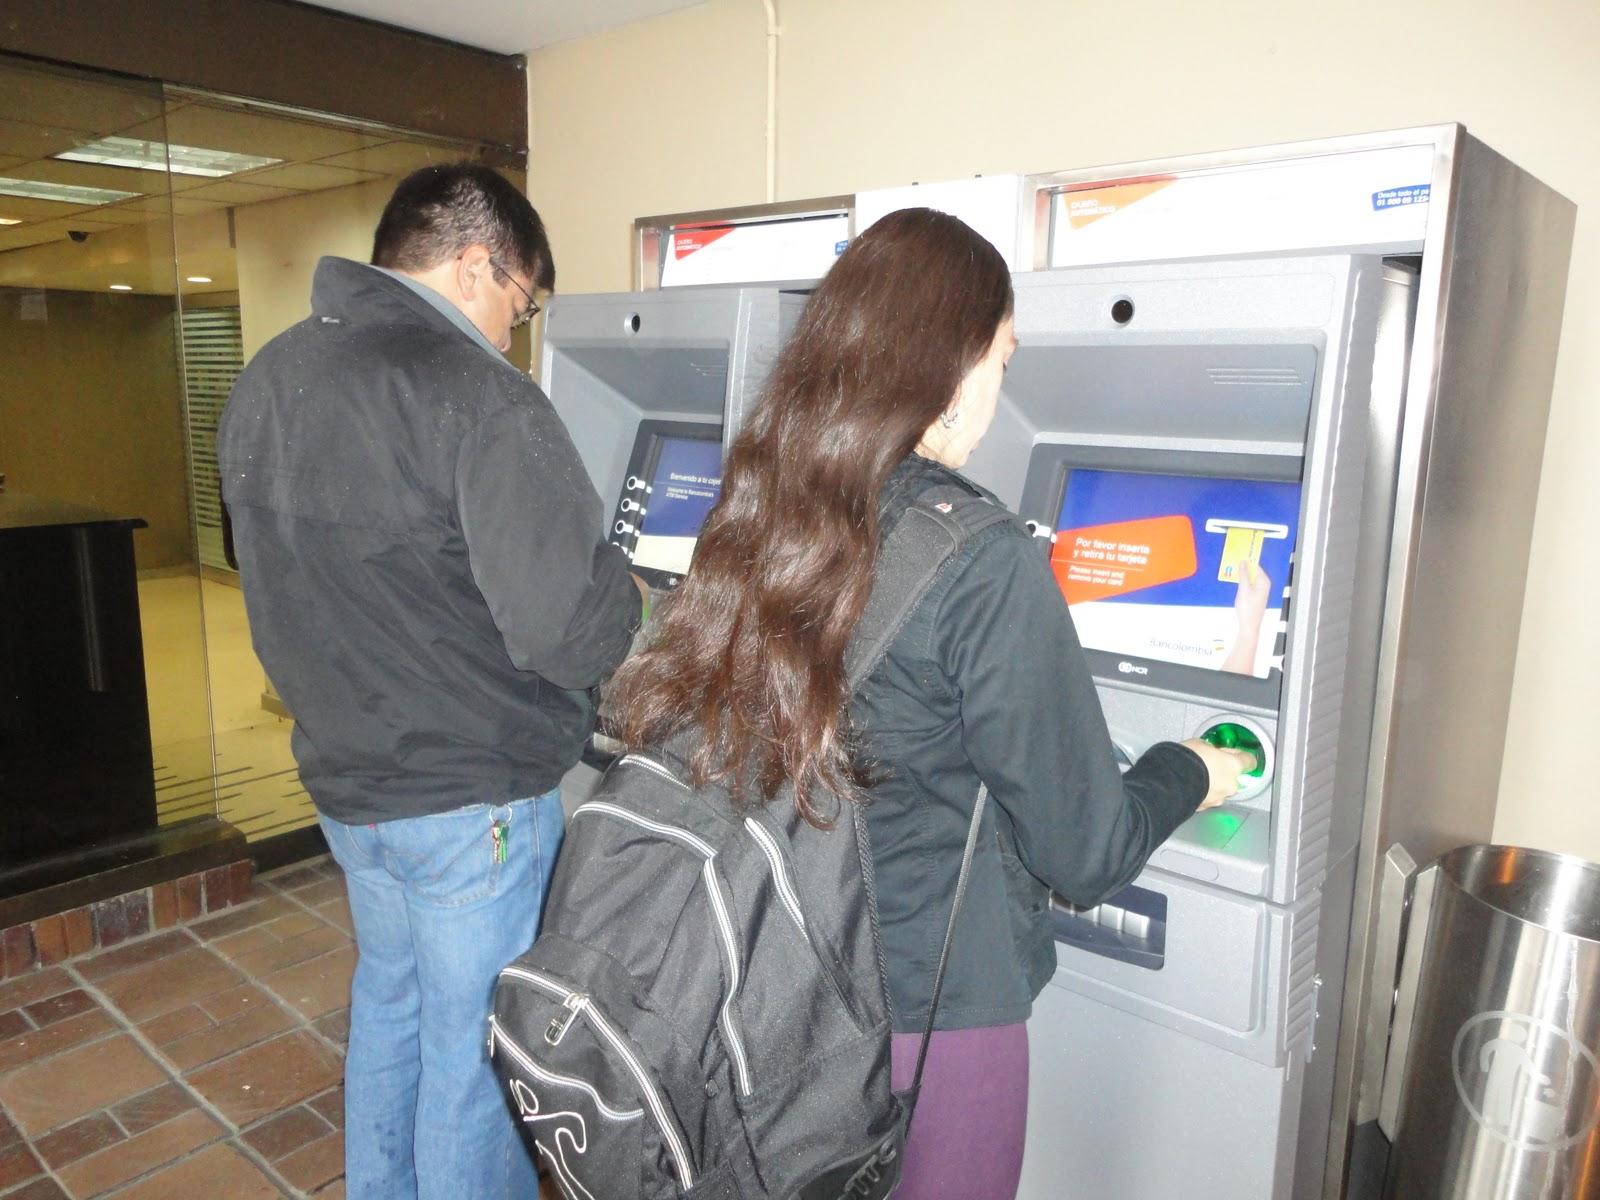 Duda retirar dinero en colombia for Cuanto se puede sacar de un cajero